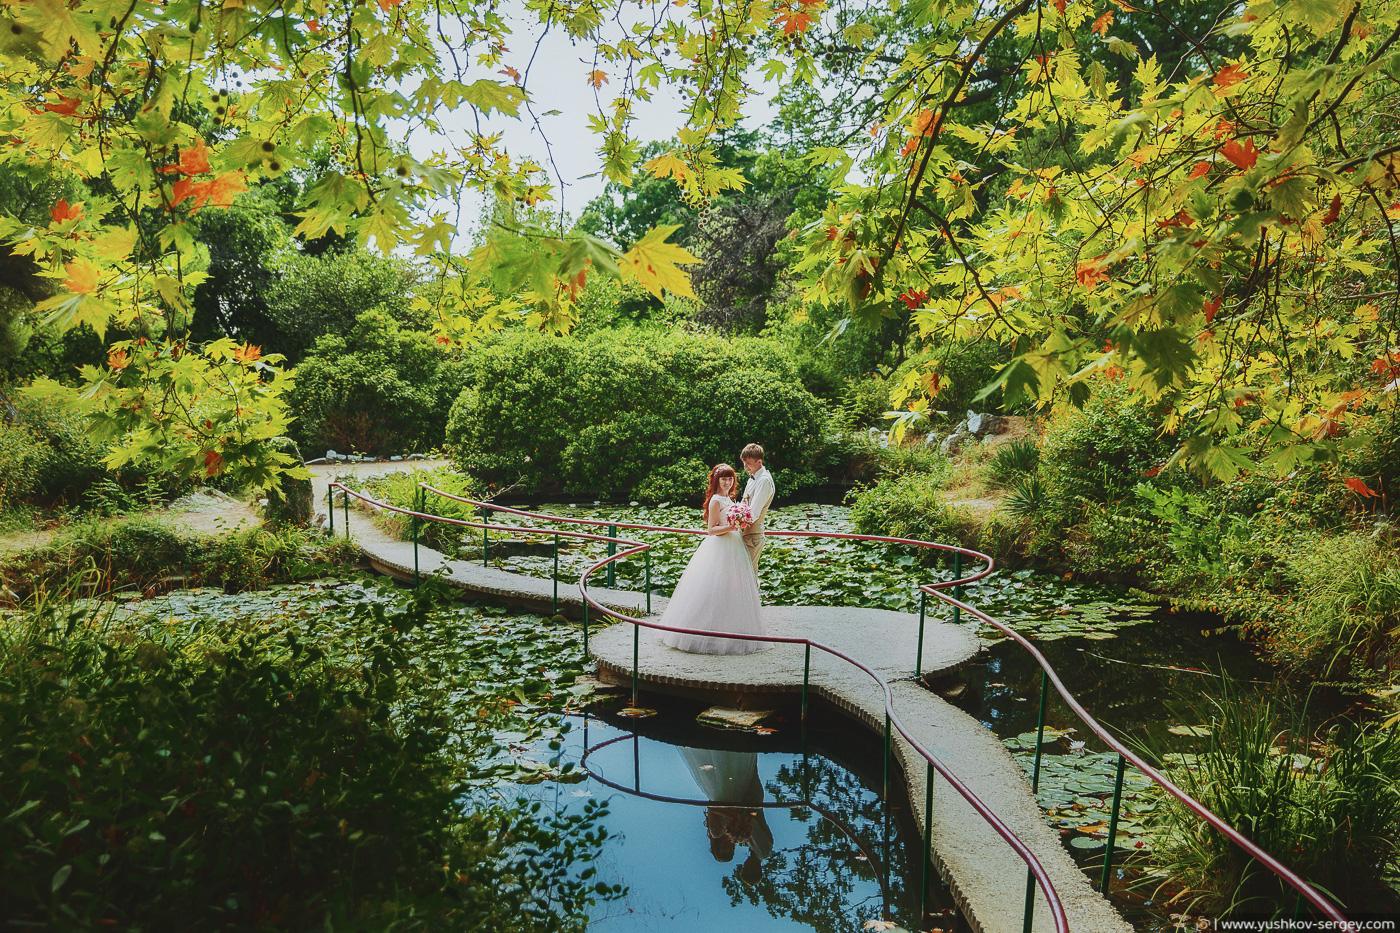 Свадьба для двоих в Крыму. Свадебная фотосессия в парке санатория Форос. Фотограф - Сергей Юшков.